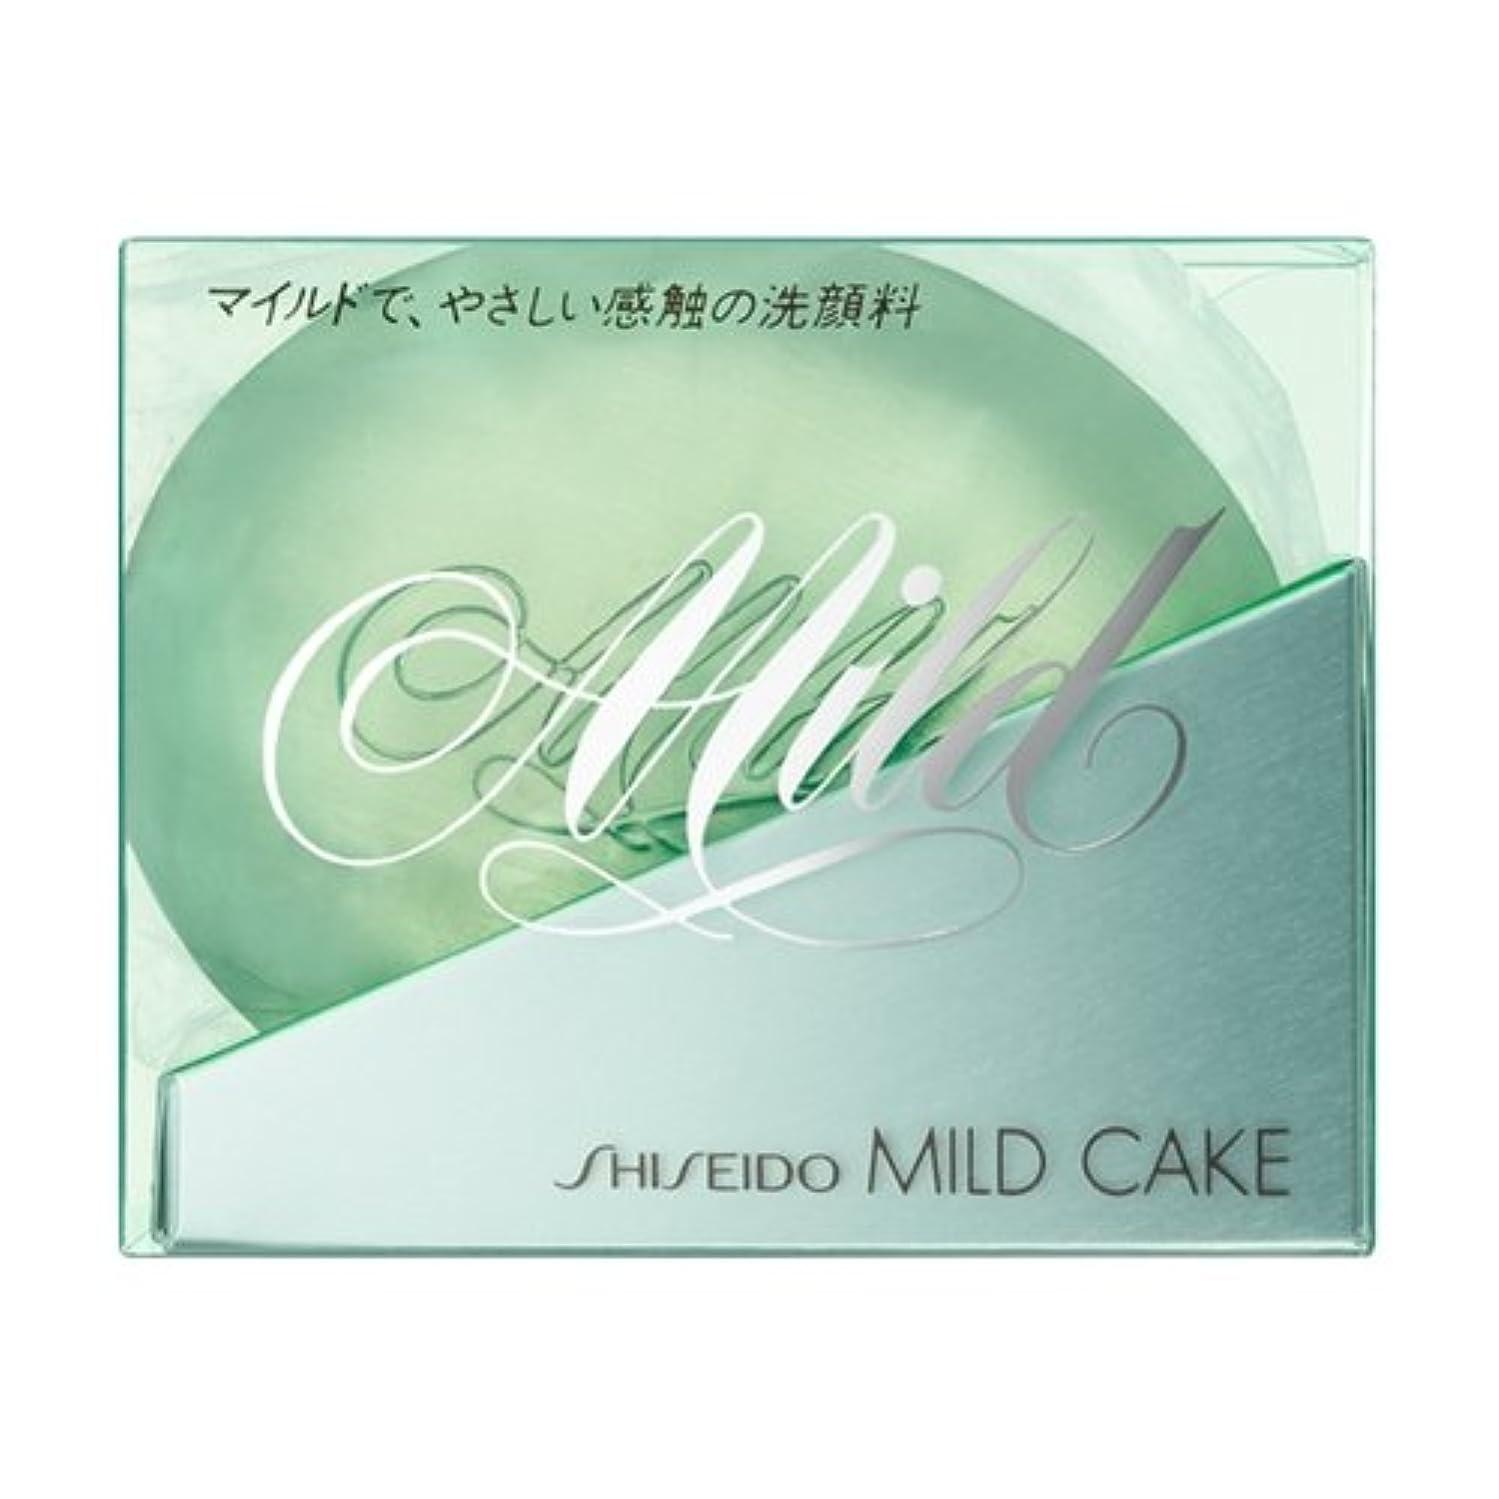 啓発するジョブ先資生堂 マイルドケーキ